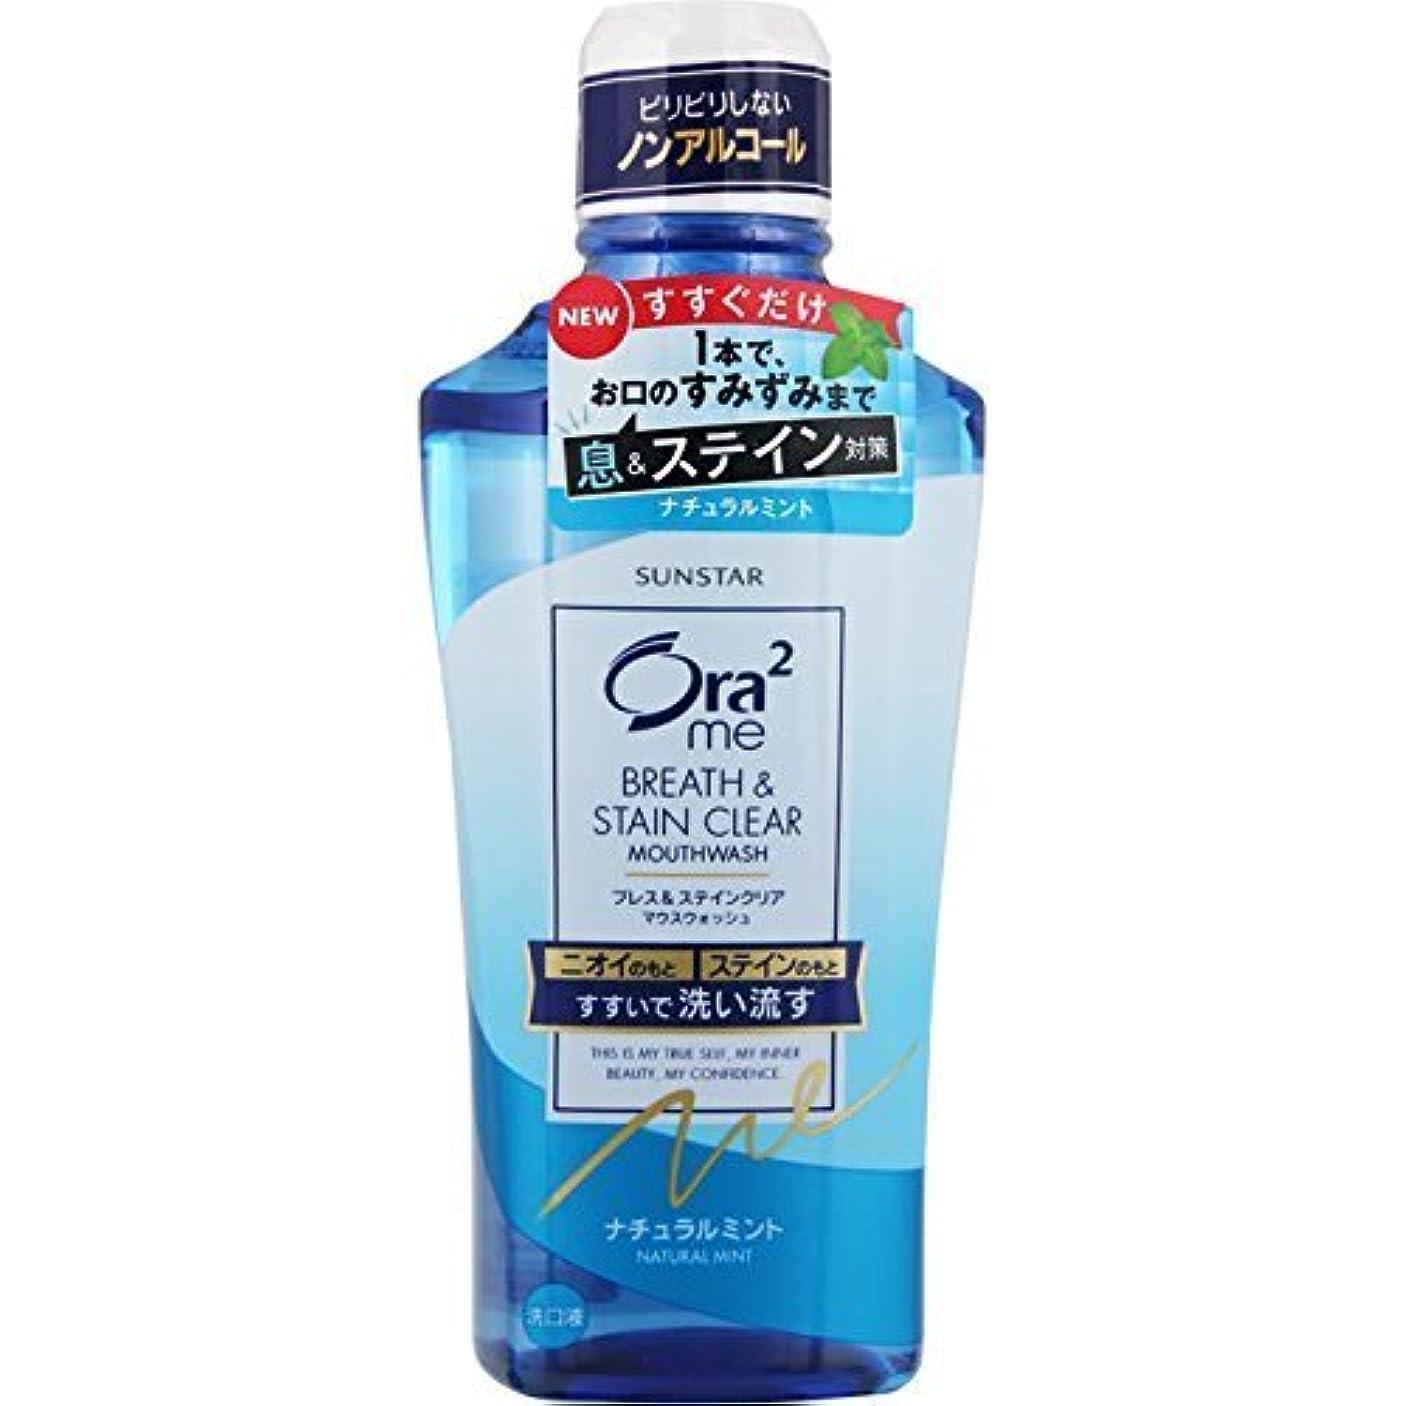 バーマド厳しい検出可能Ora2(オーラツー) ミーマウスウォッシュ ステインクリア 洗口液[ ナチュラルミント ]